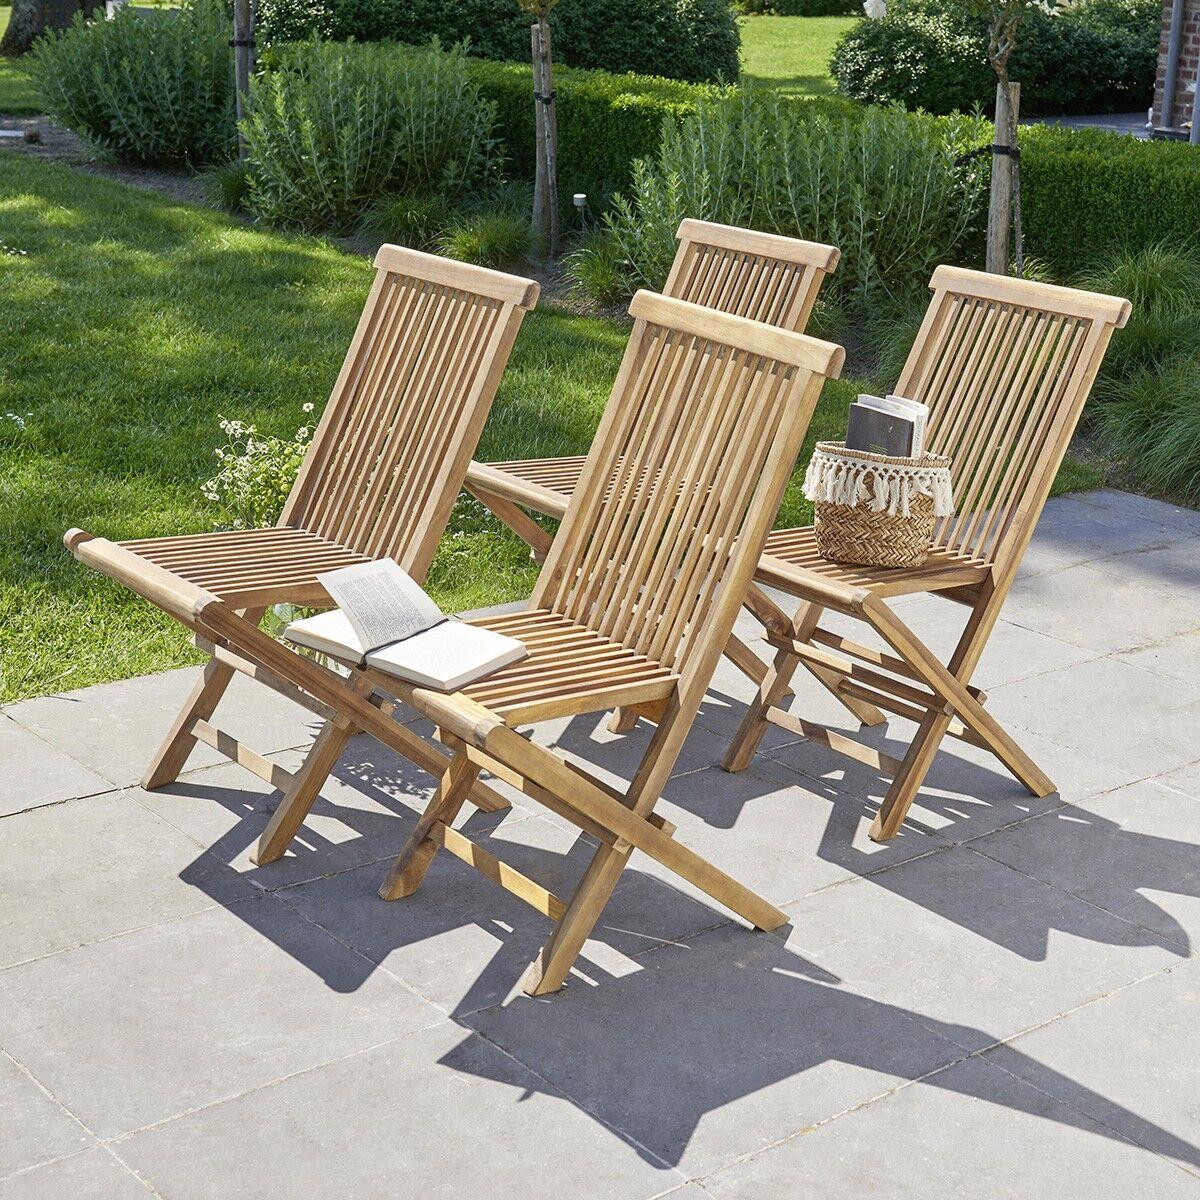 BOIS DESSUS BOIS DESSOUS Chaise de jardin pliantes en teck huilé (lot de 4)